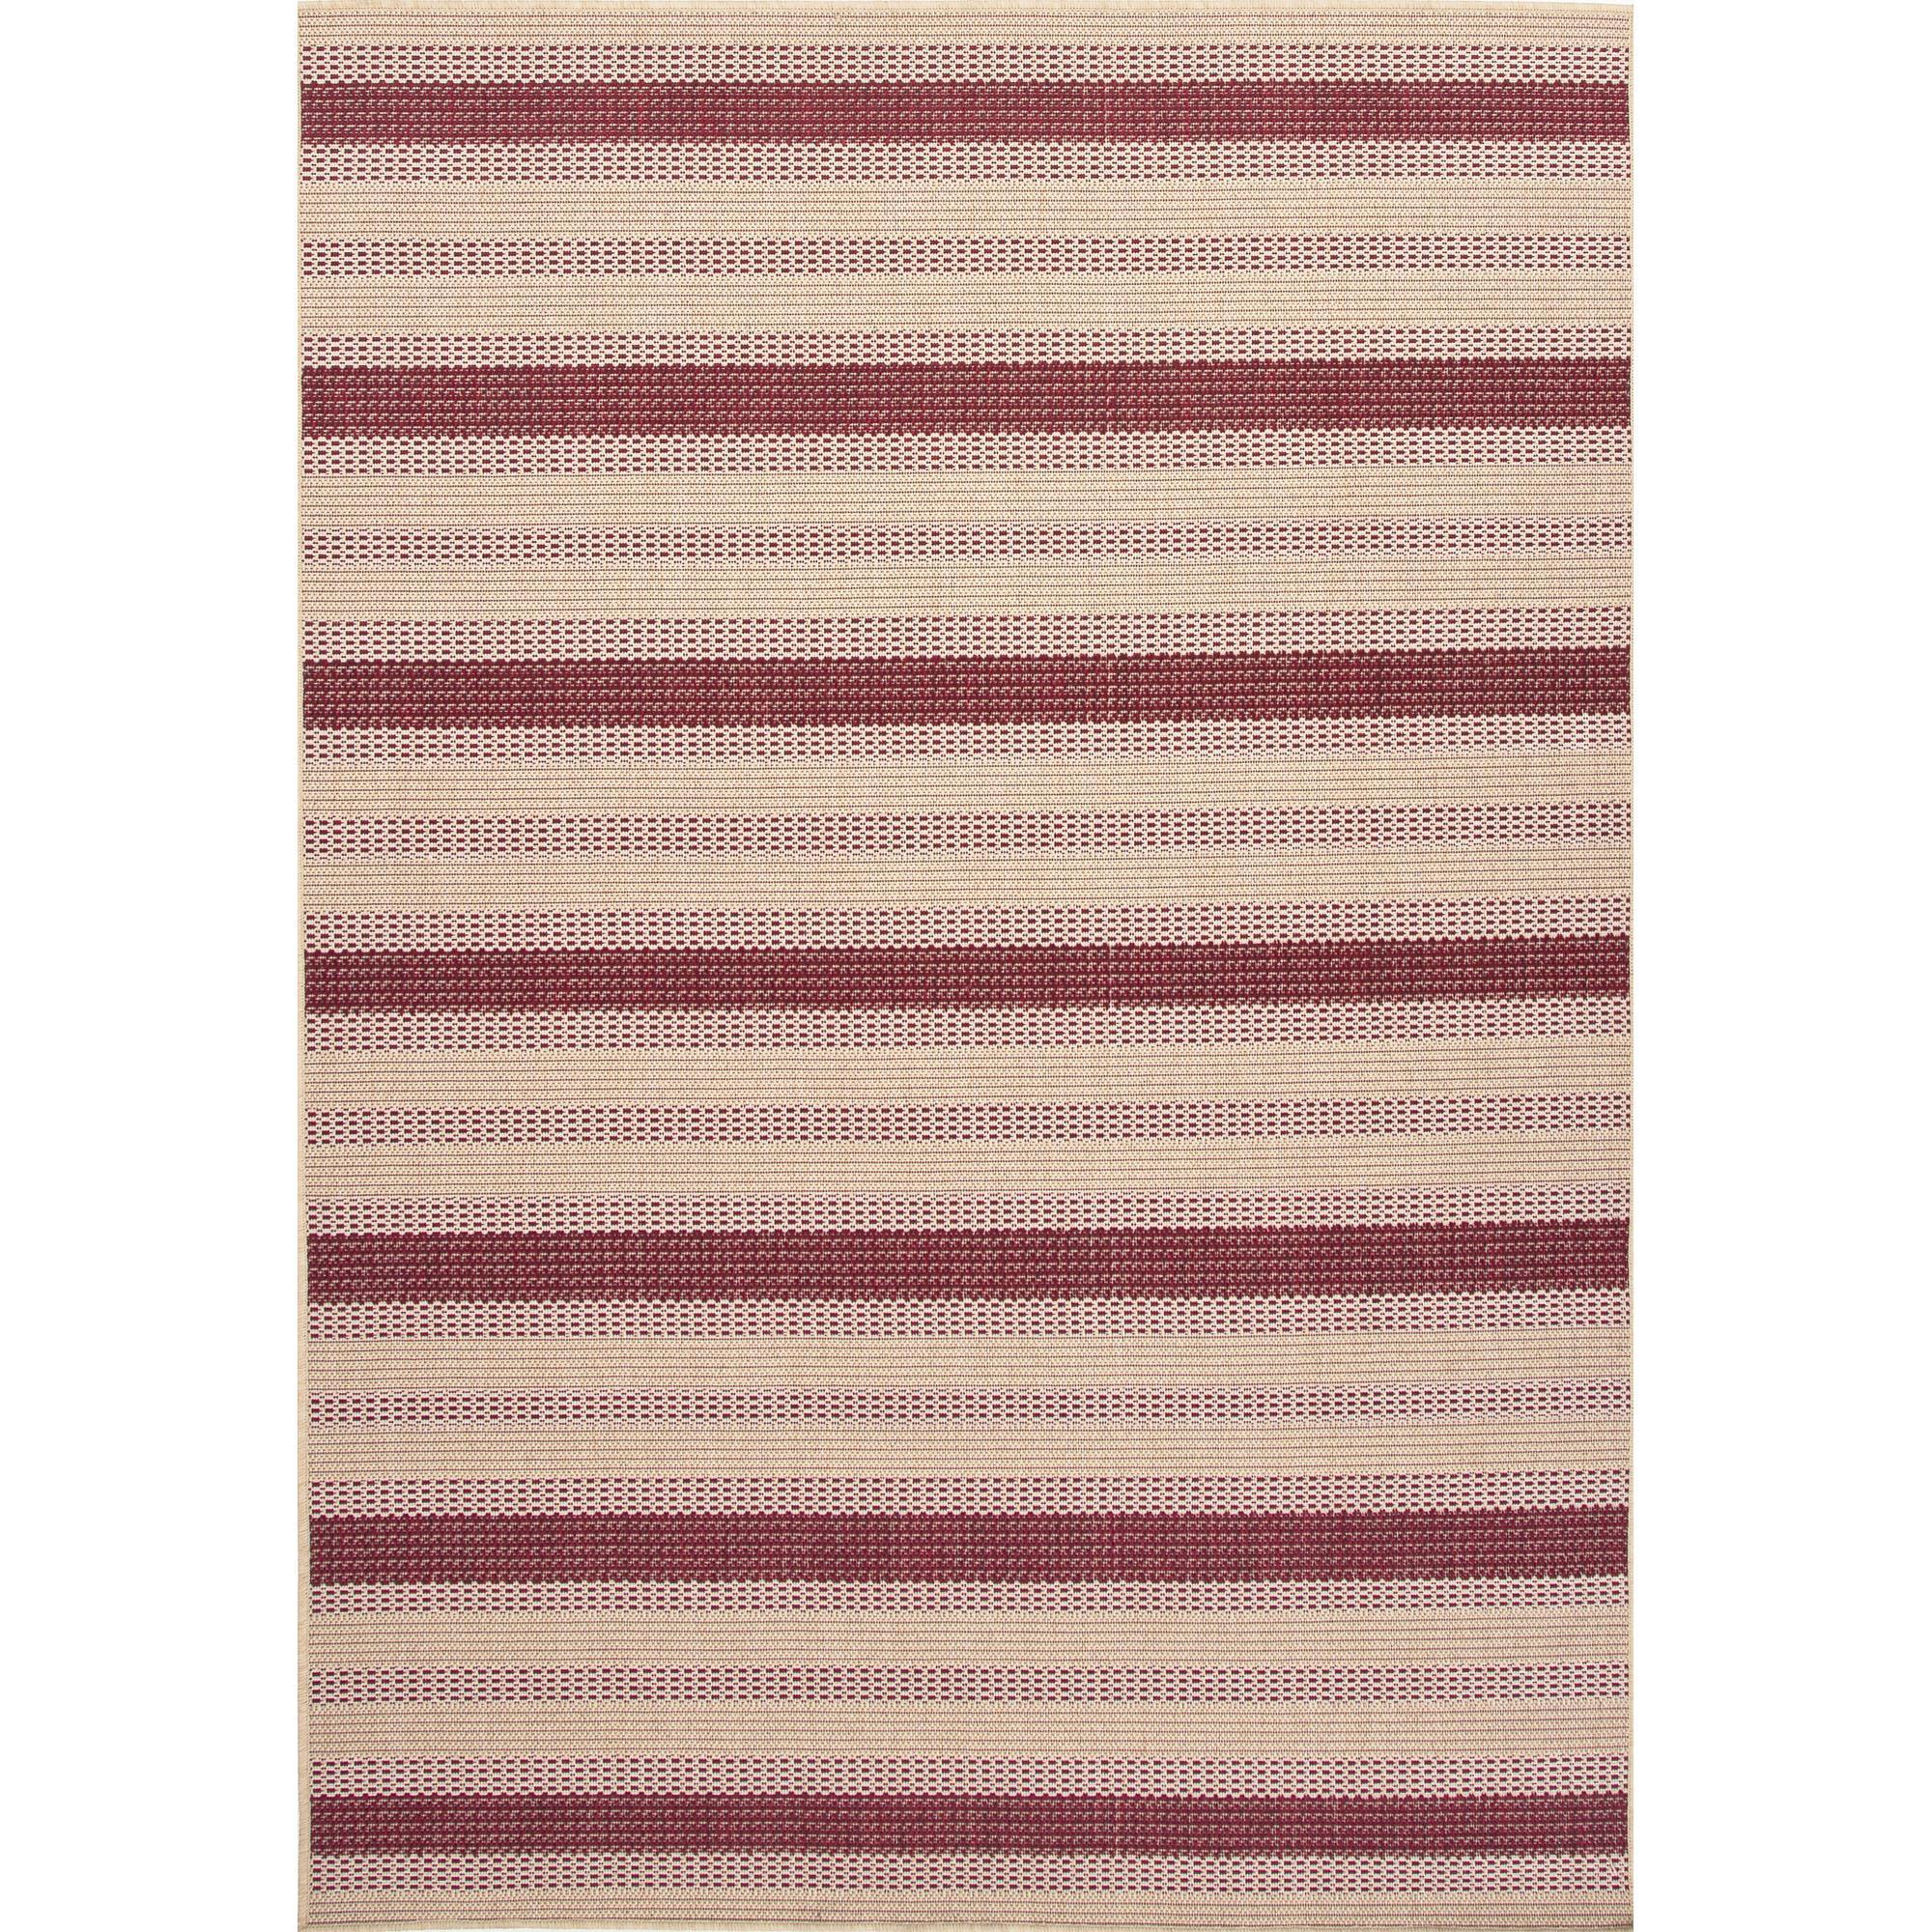 JAIPUR Rugs Breeze 7.11 x 10 Rug - Item Number: RUG121956